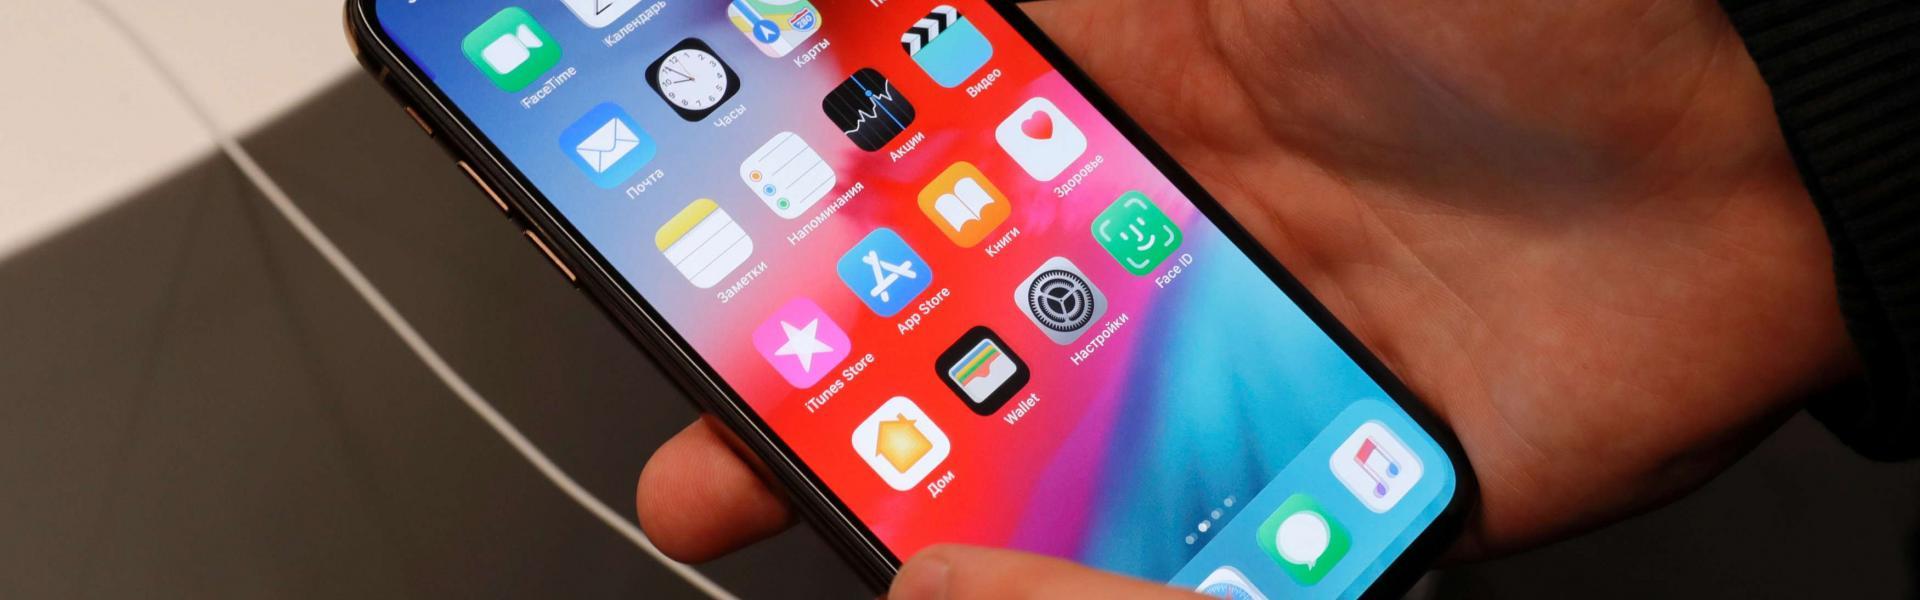 Iphone : come abilitare e disabilitare Imessage e FaceTime